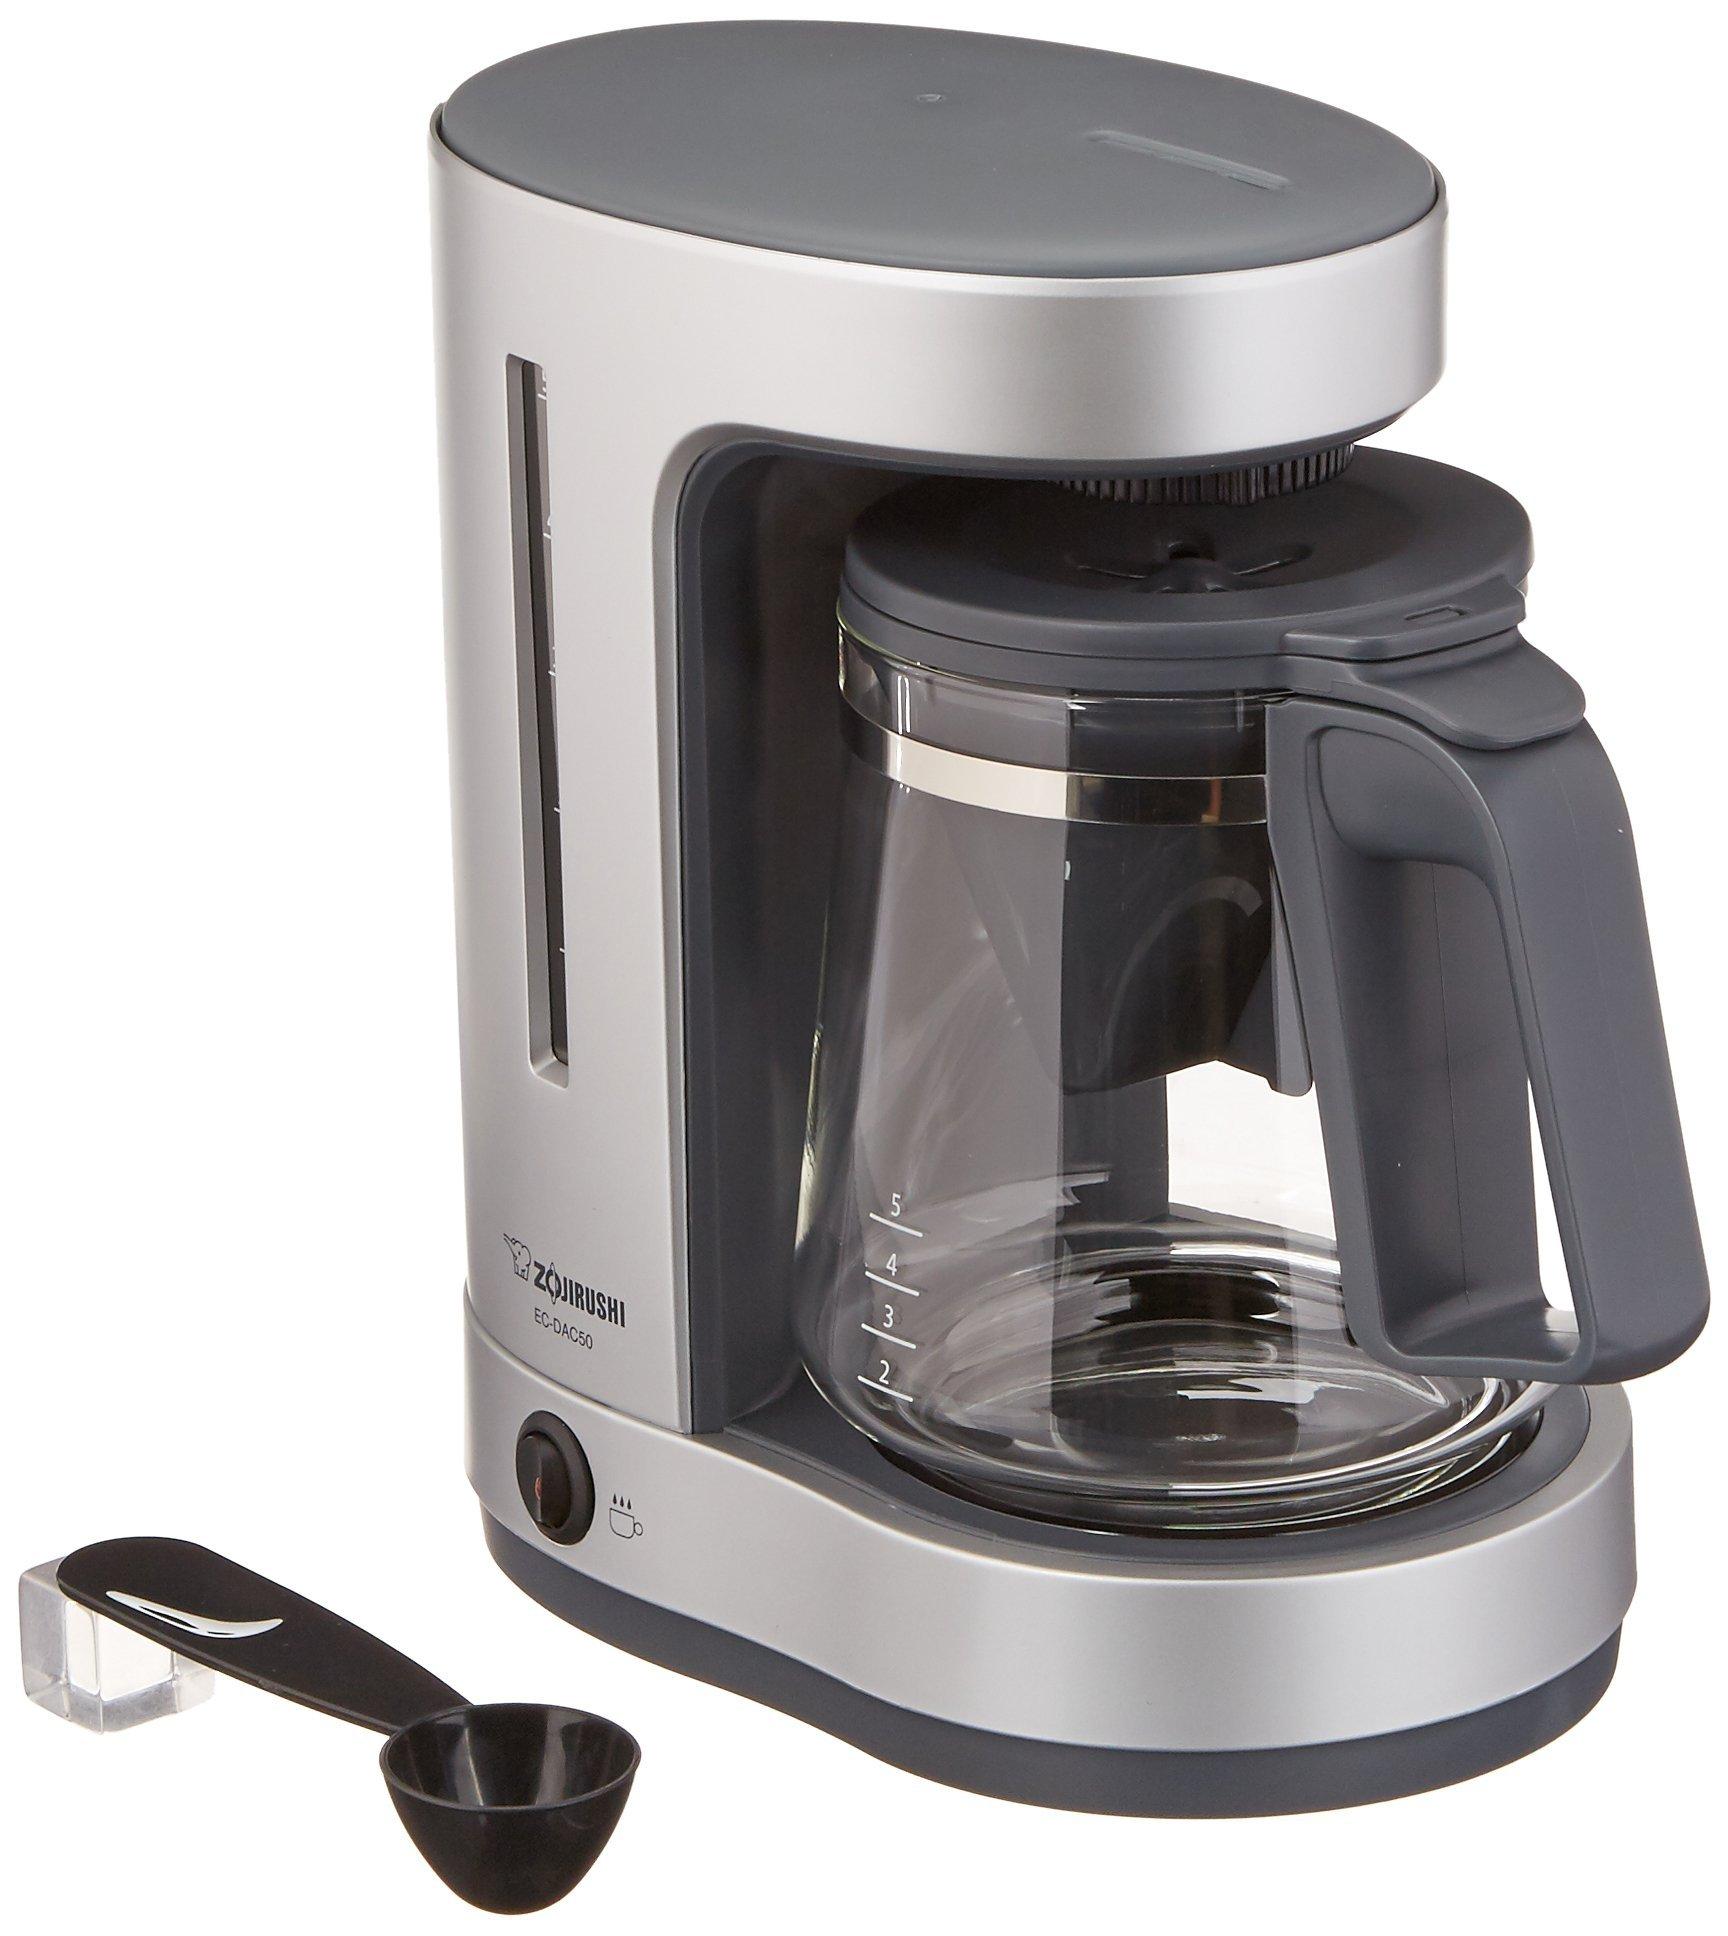 Zojirushi EC-DAC50 Zutto 5-Cup Drip Coffeemaker by Zojirushi